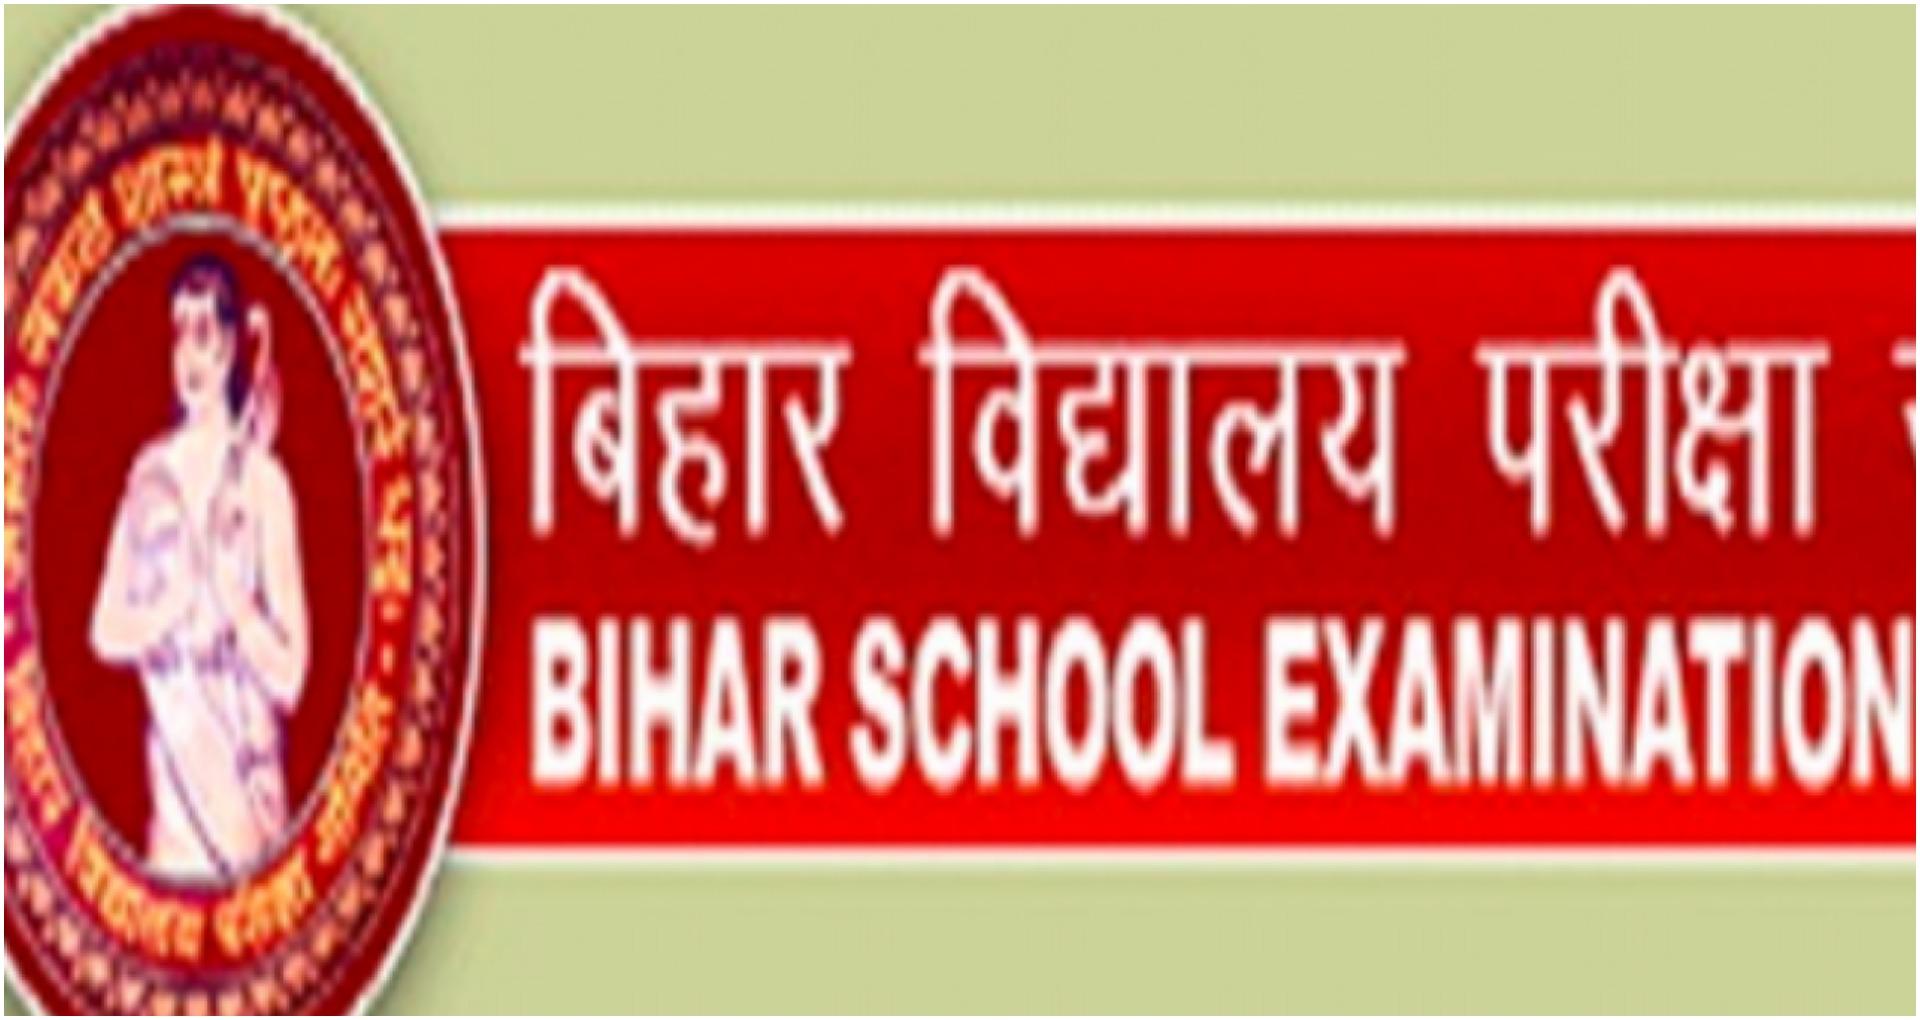 Bihar Board 12th Admit Card 2020: बिहार बोर्ड ने इंटरमीडिएट के एडमिट कार्ड किये जारी, ऐसे करें डाउनलोड